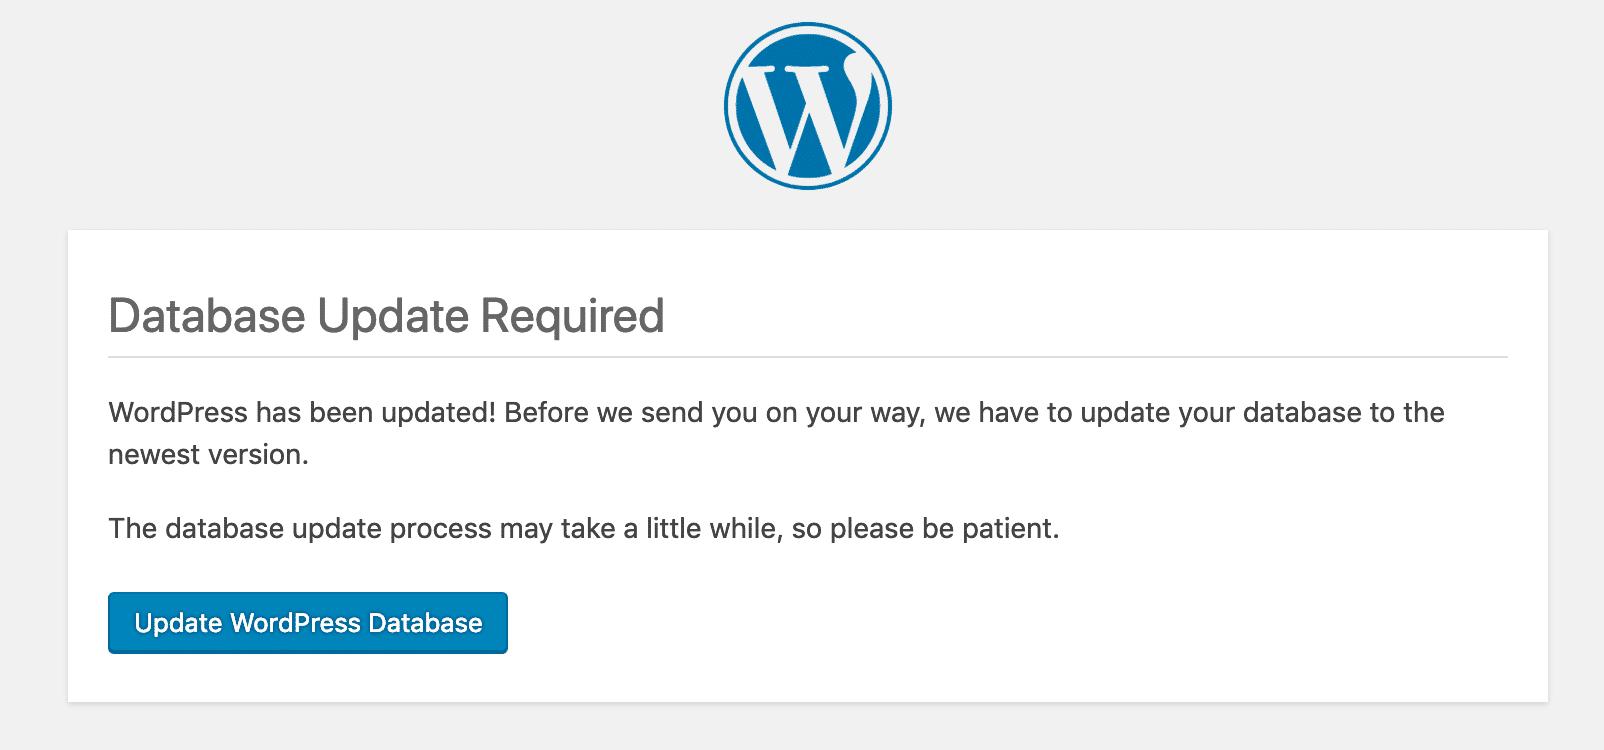 データベースの更新が必要です